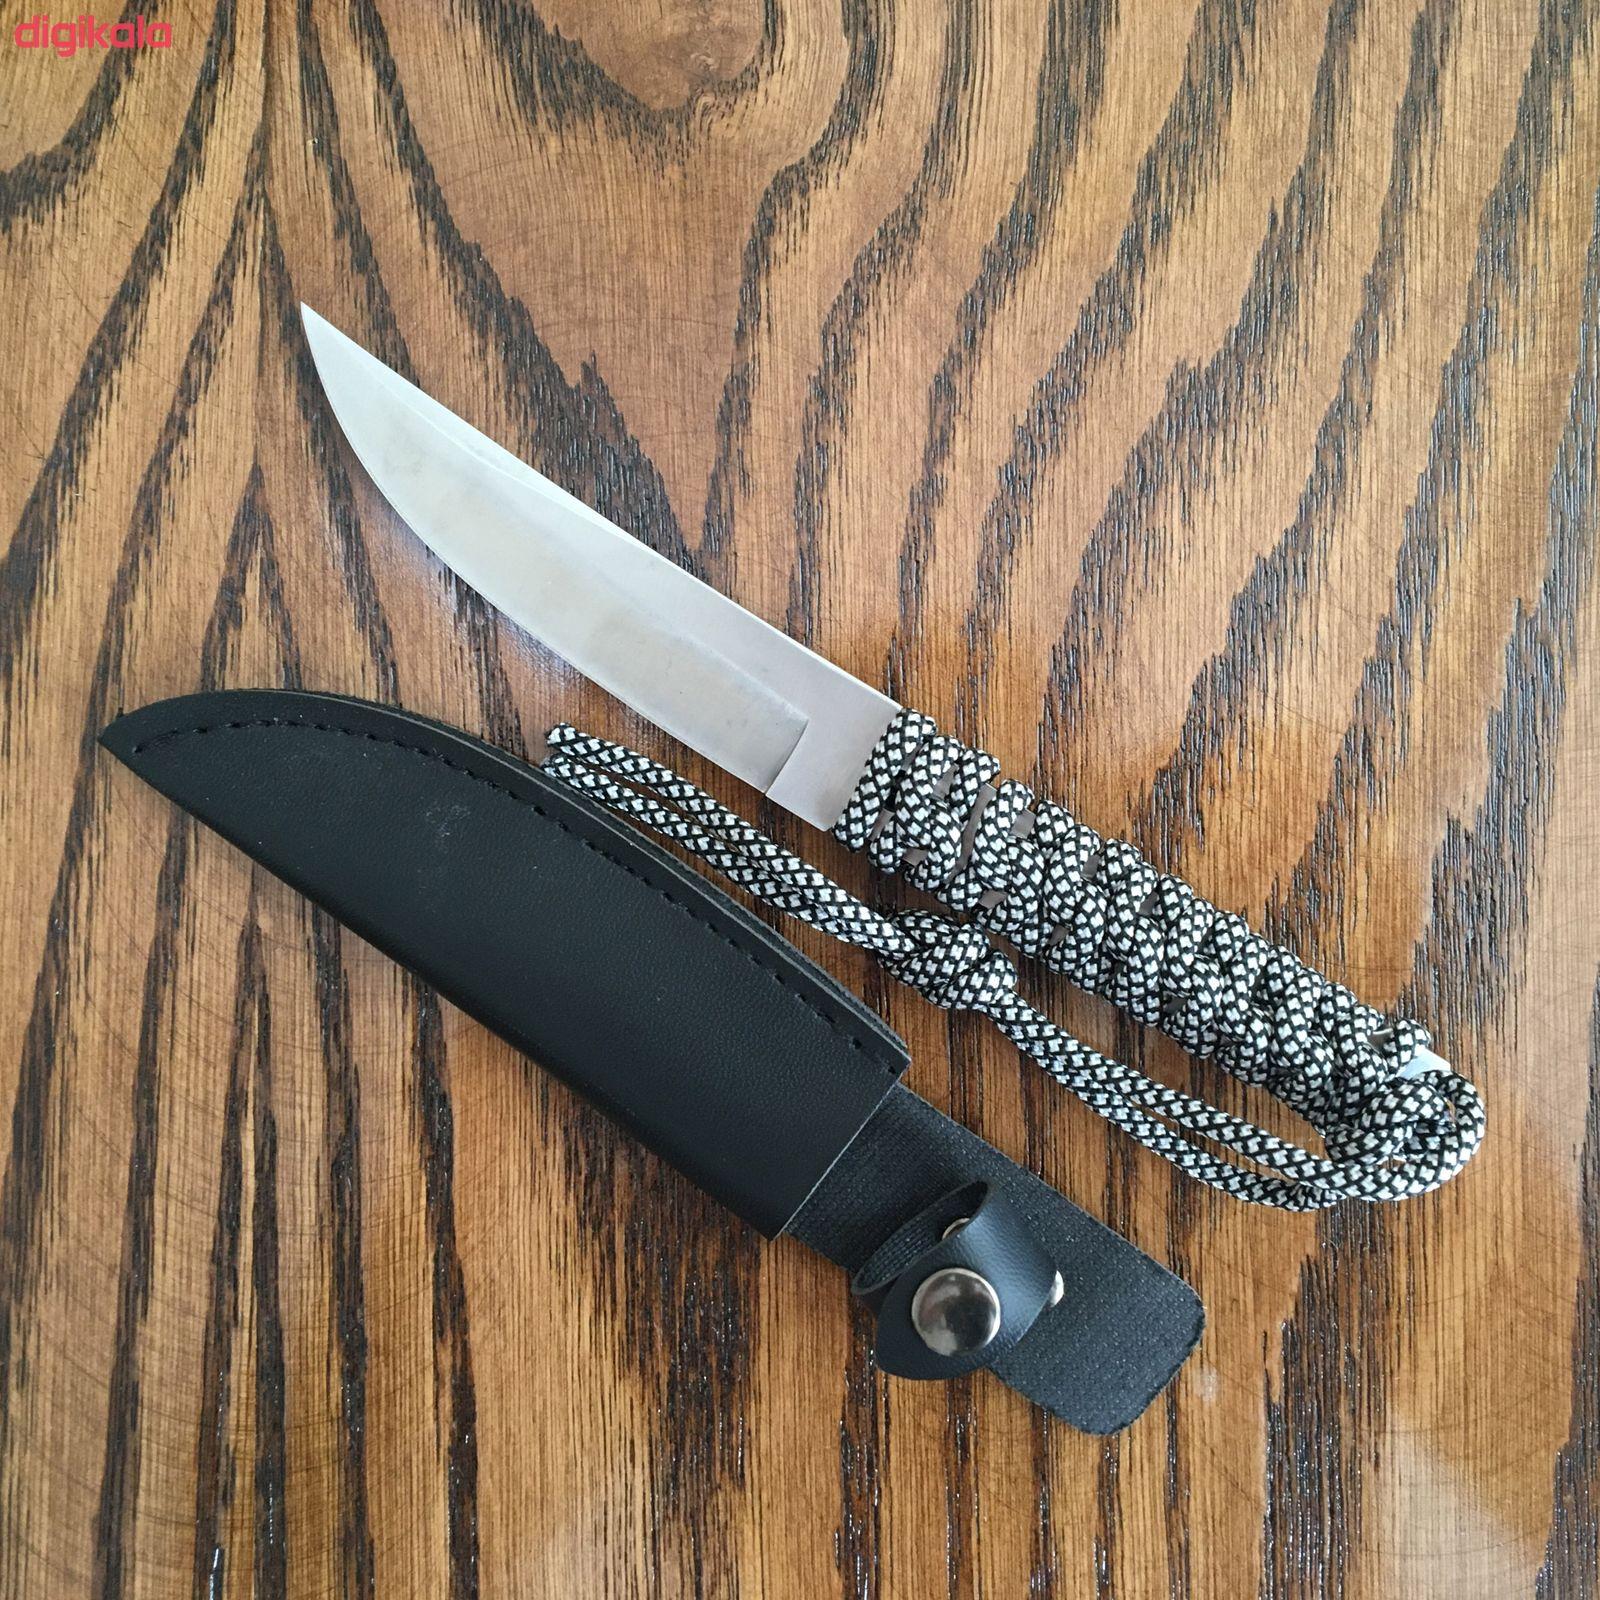 چاقوی سفری مدل CHESS200 main 1 1